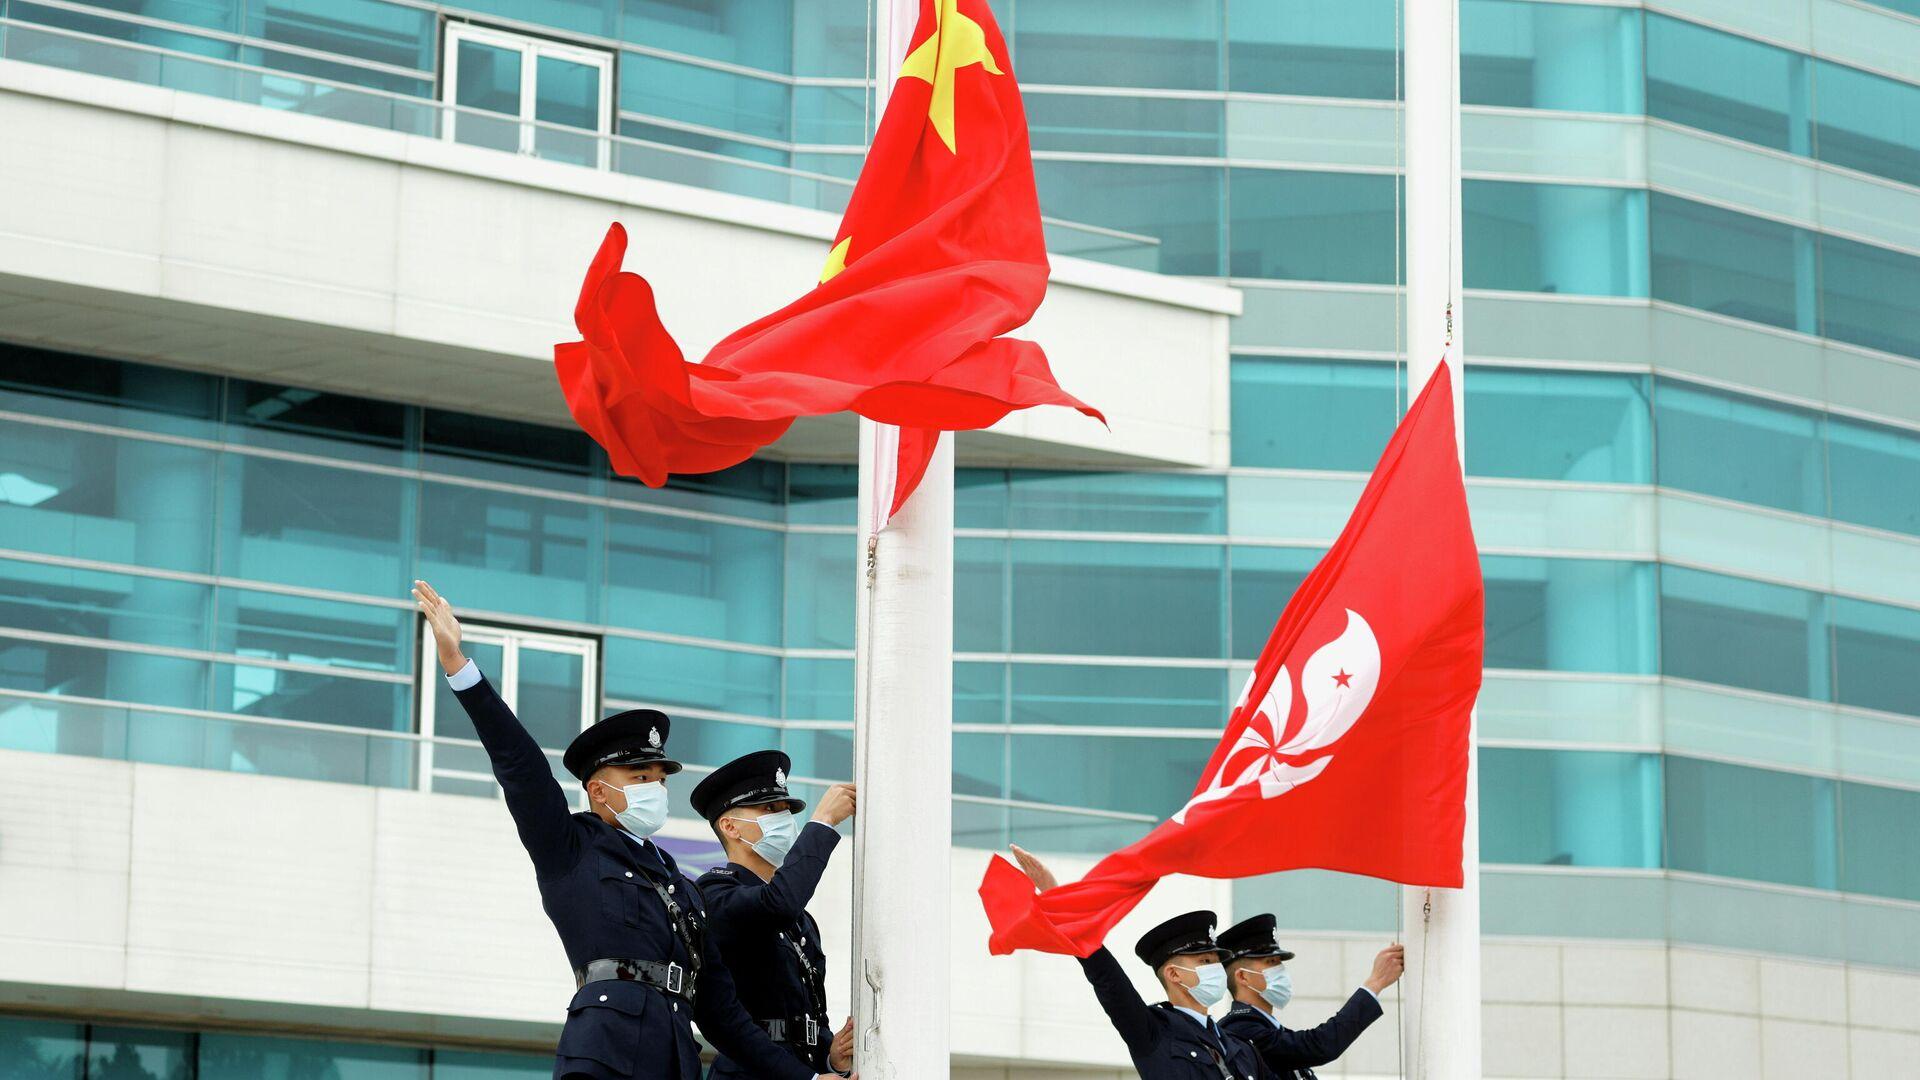 Las banderas de China y Hong Kong - Sputnik Mundo, 1920, 15.03.2021